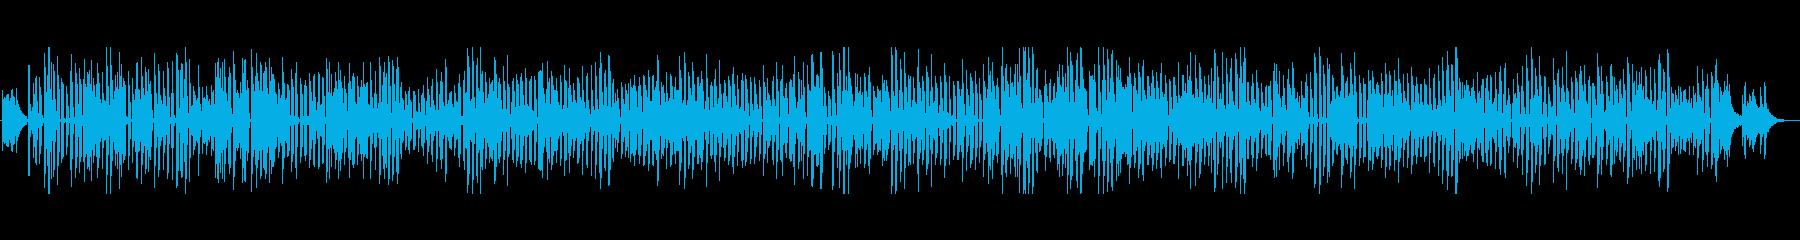 アコースティックギターのブルースの再生済みの波形